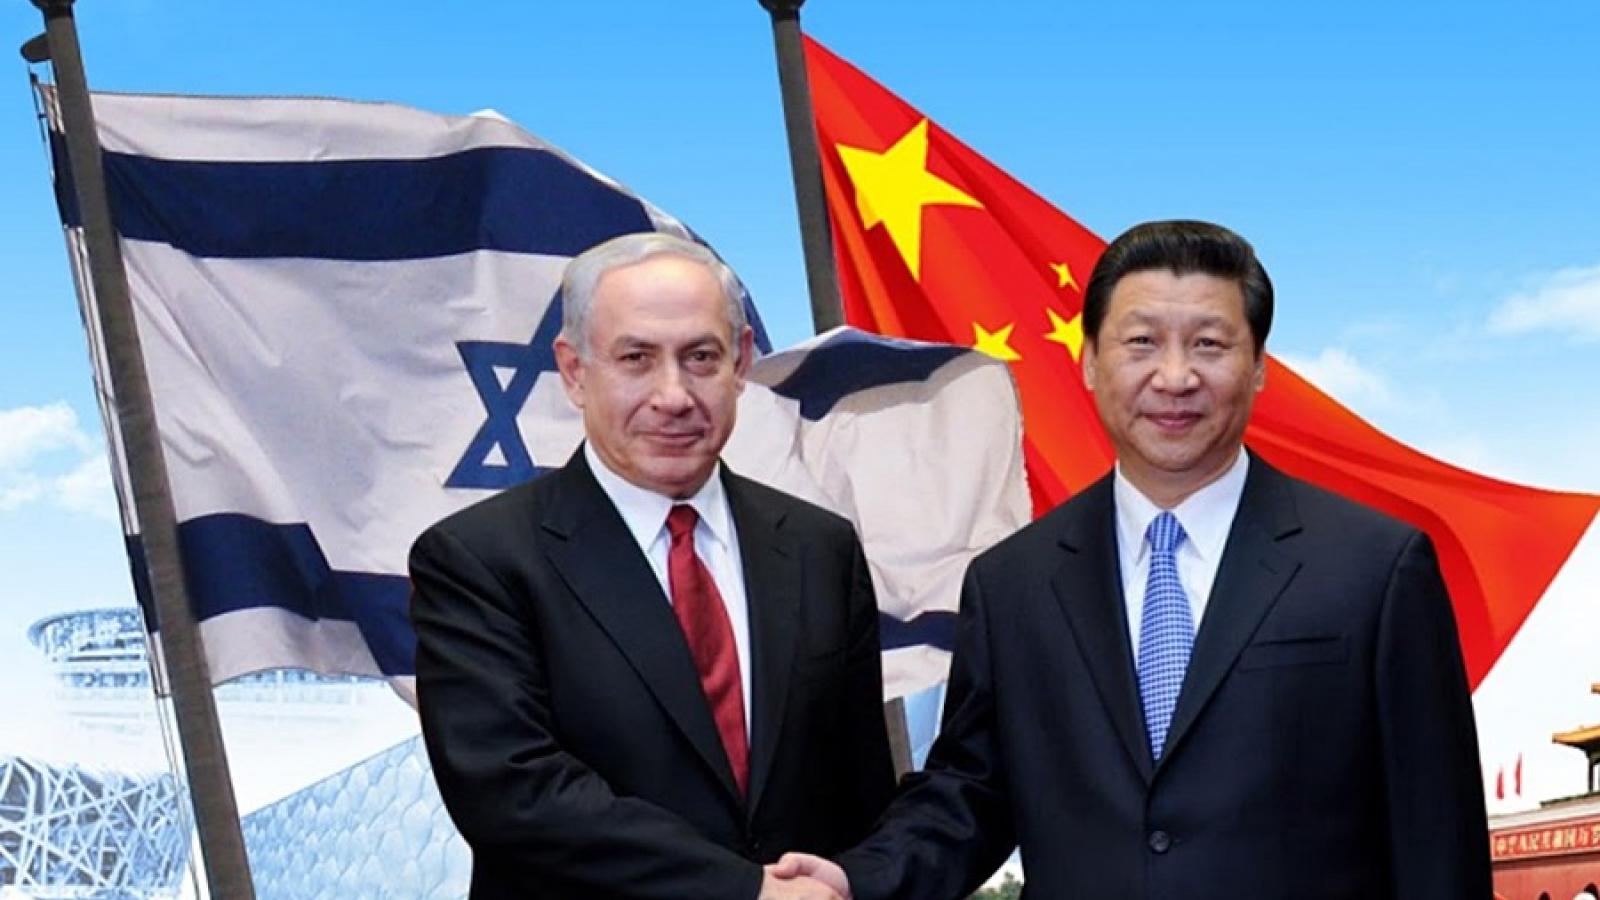 Trung Quốc tận dụng Israel thế nào trong Chiến tranh Lạnh Mỹ-Trung?